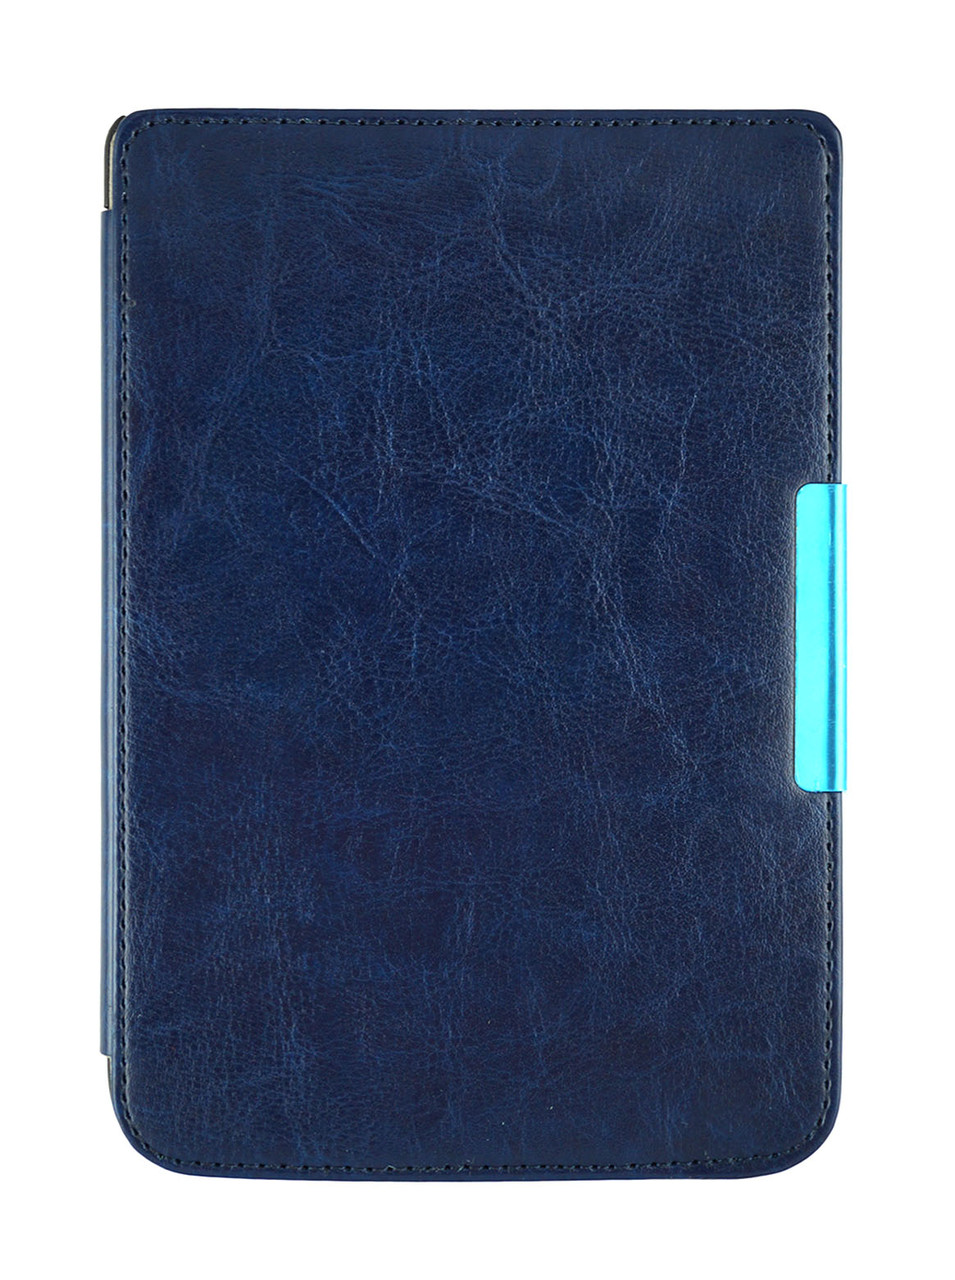 Обкладинка-чохол для PocketBook 626/625/624/615 Touch Lux 3 – колір синій